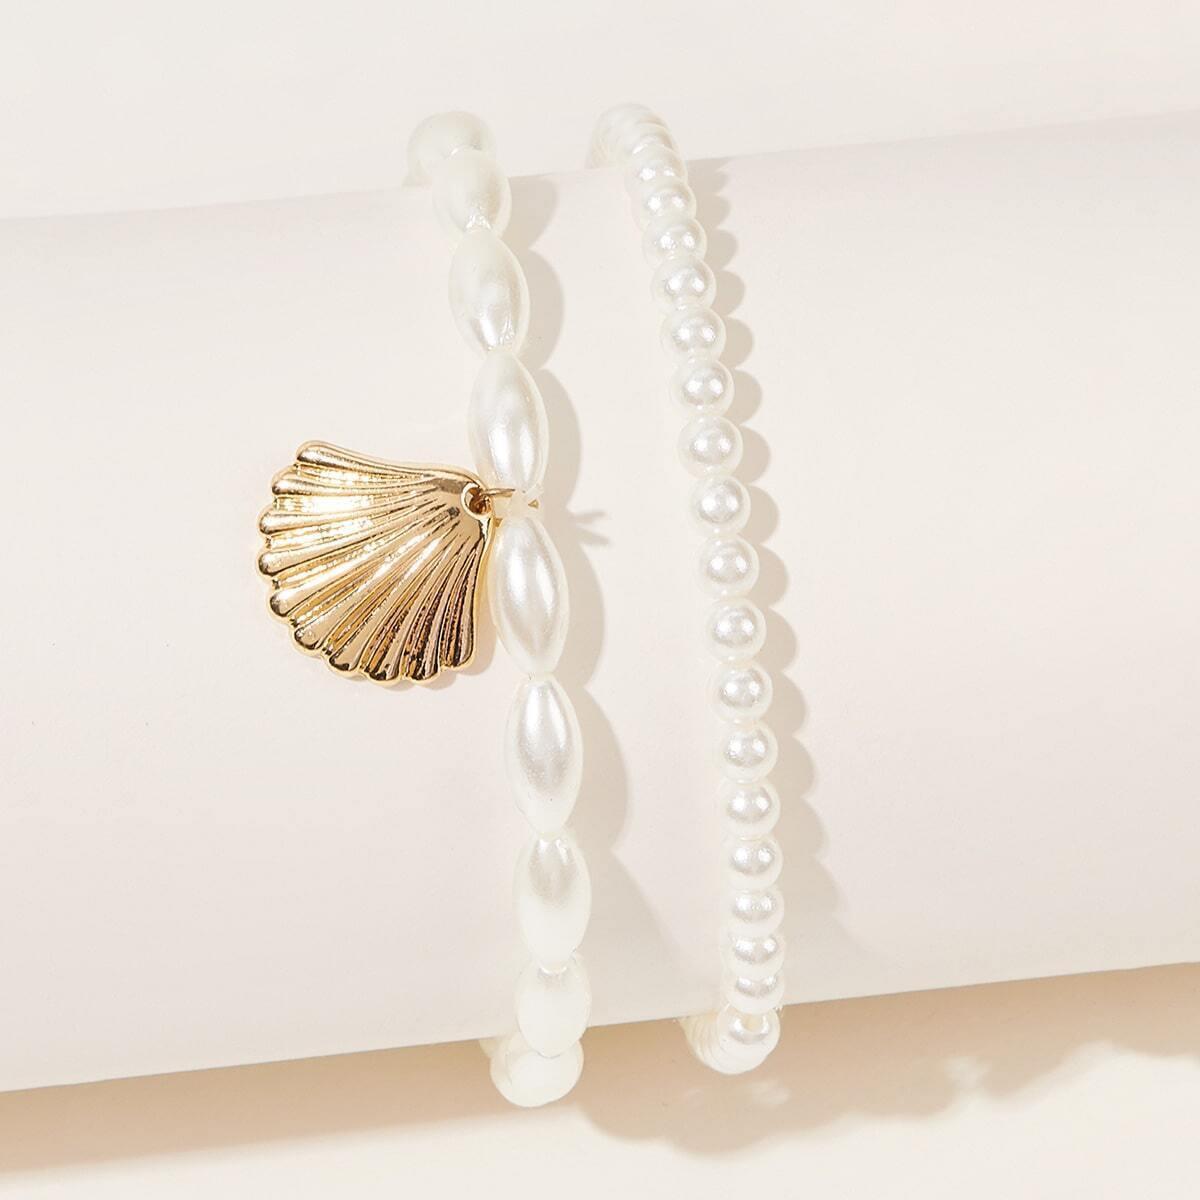 SHEIN / Fußkette mit Muschel Anhänger und Perlen 2 Stücke